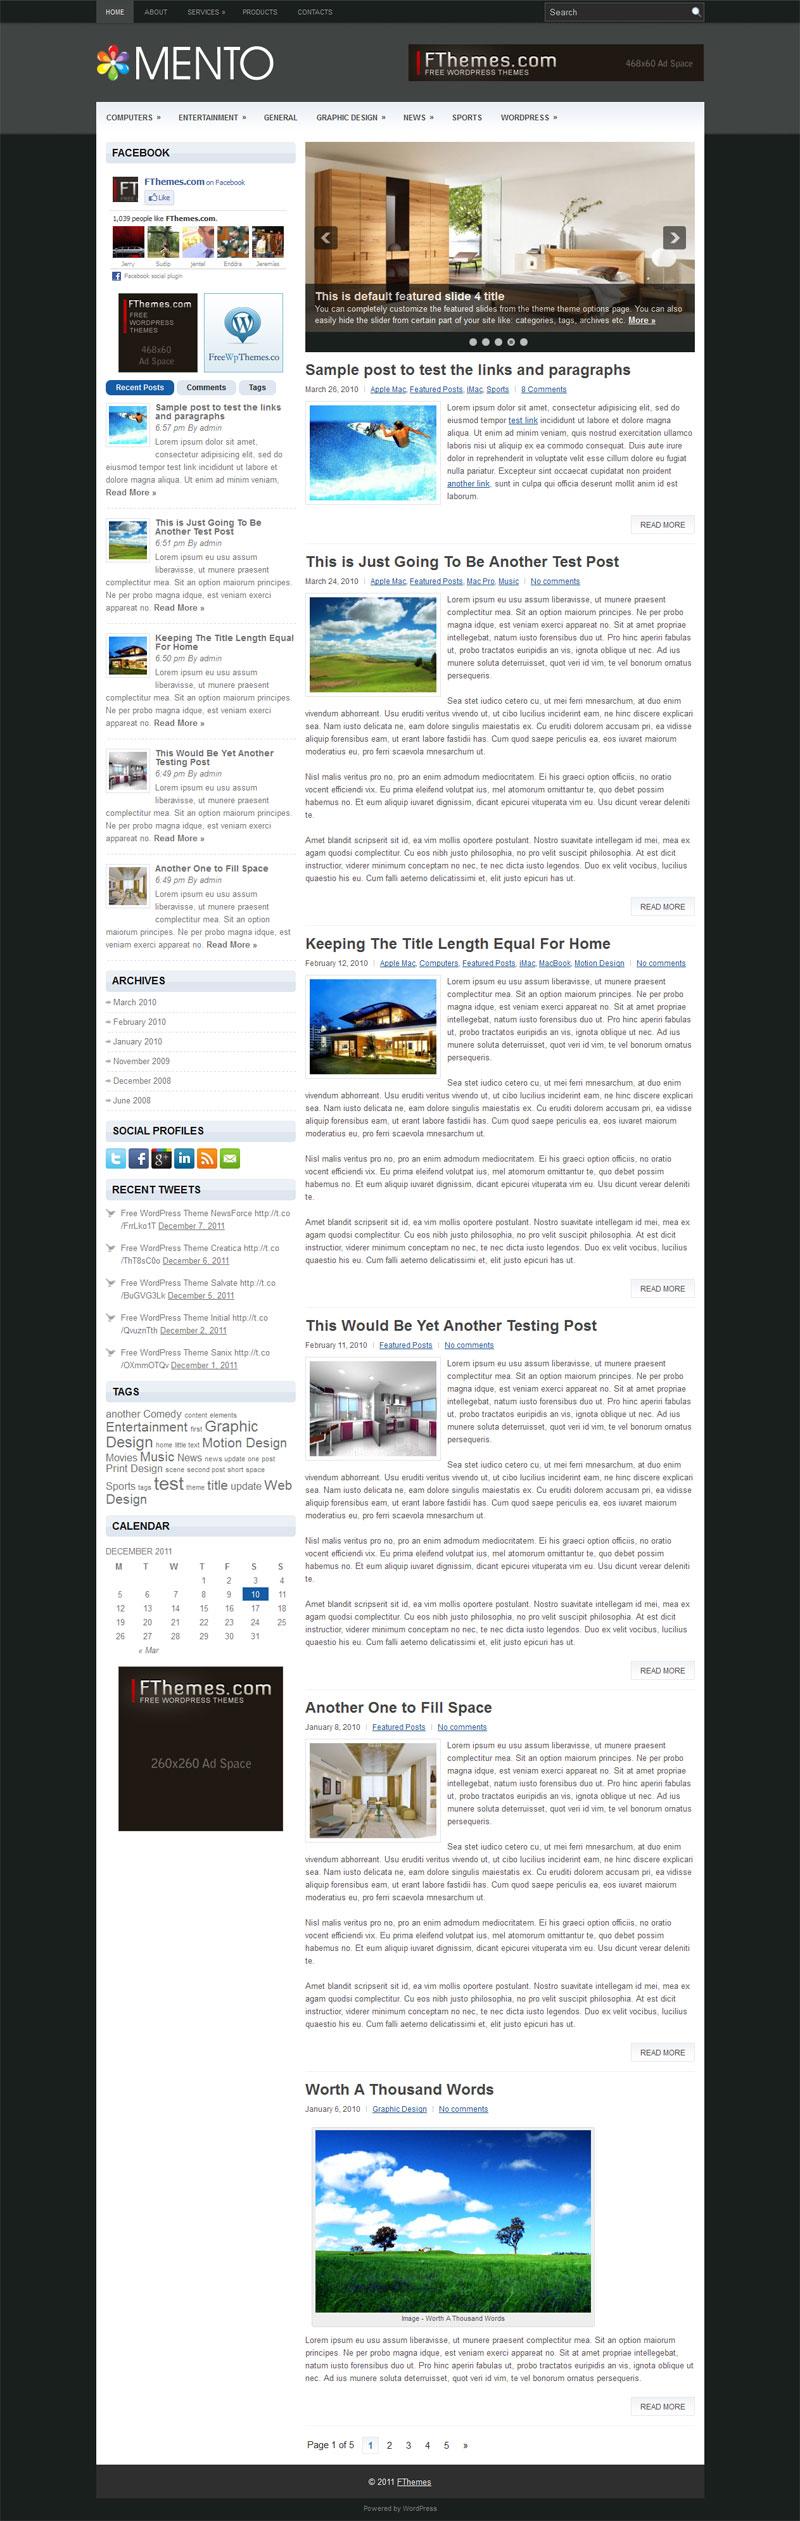 Сайт - как самому быстро и просто сделать хороший сайт 24